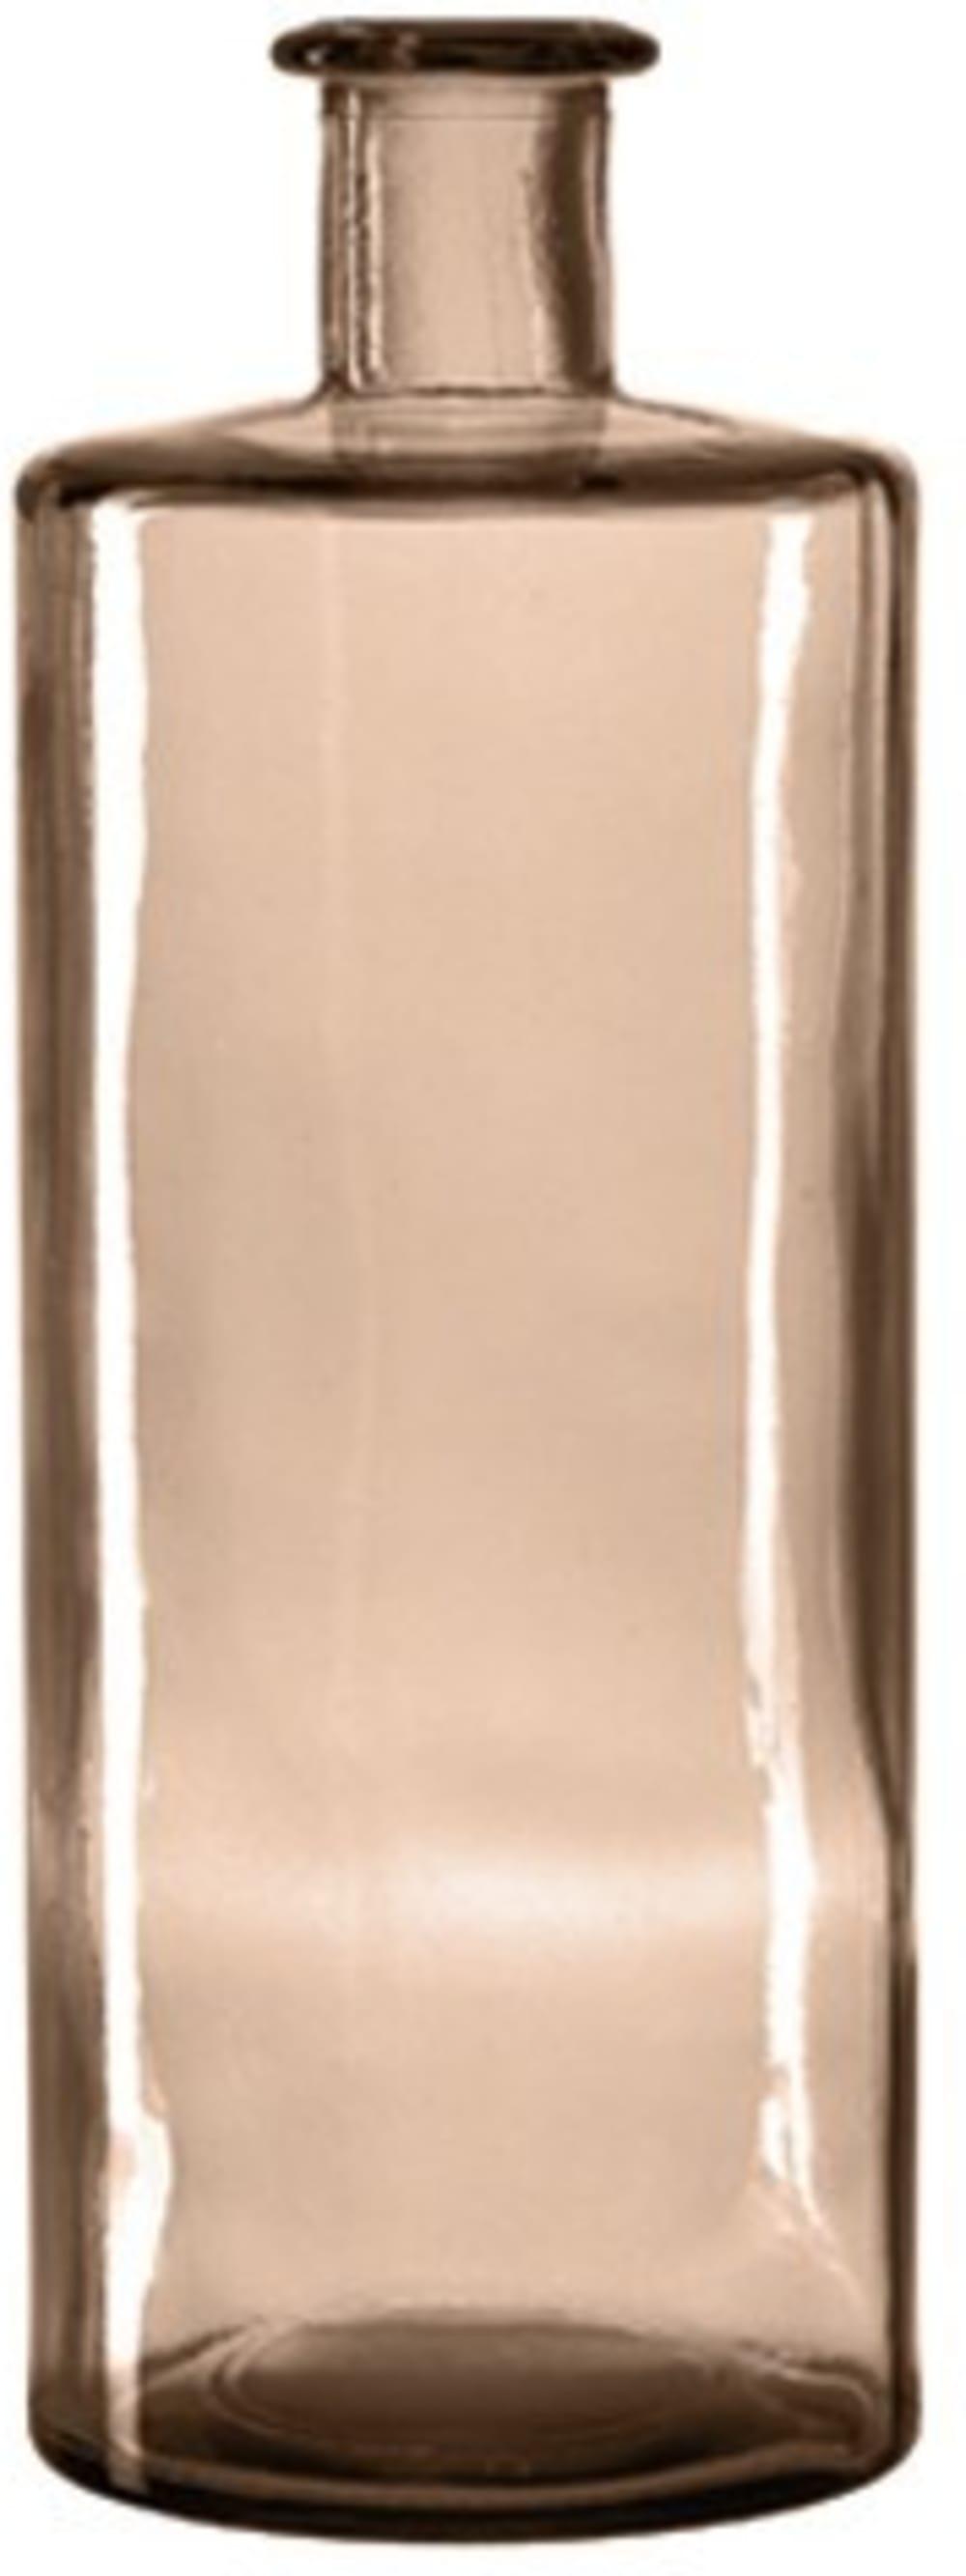 LO - Wazon 40 cm, Colosseo, brązowy